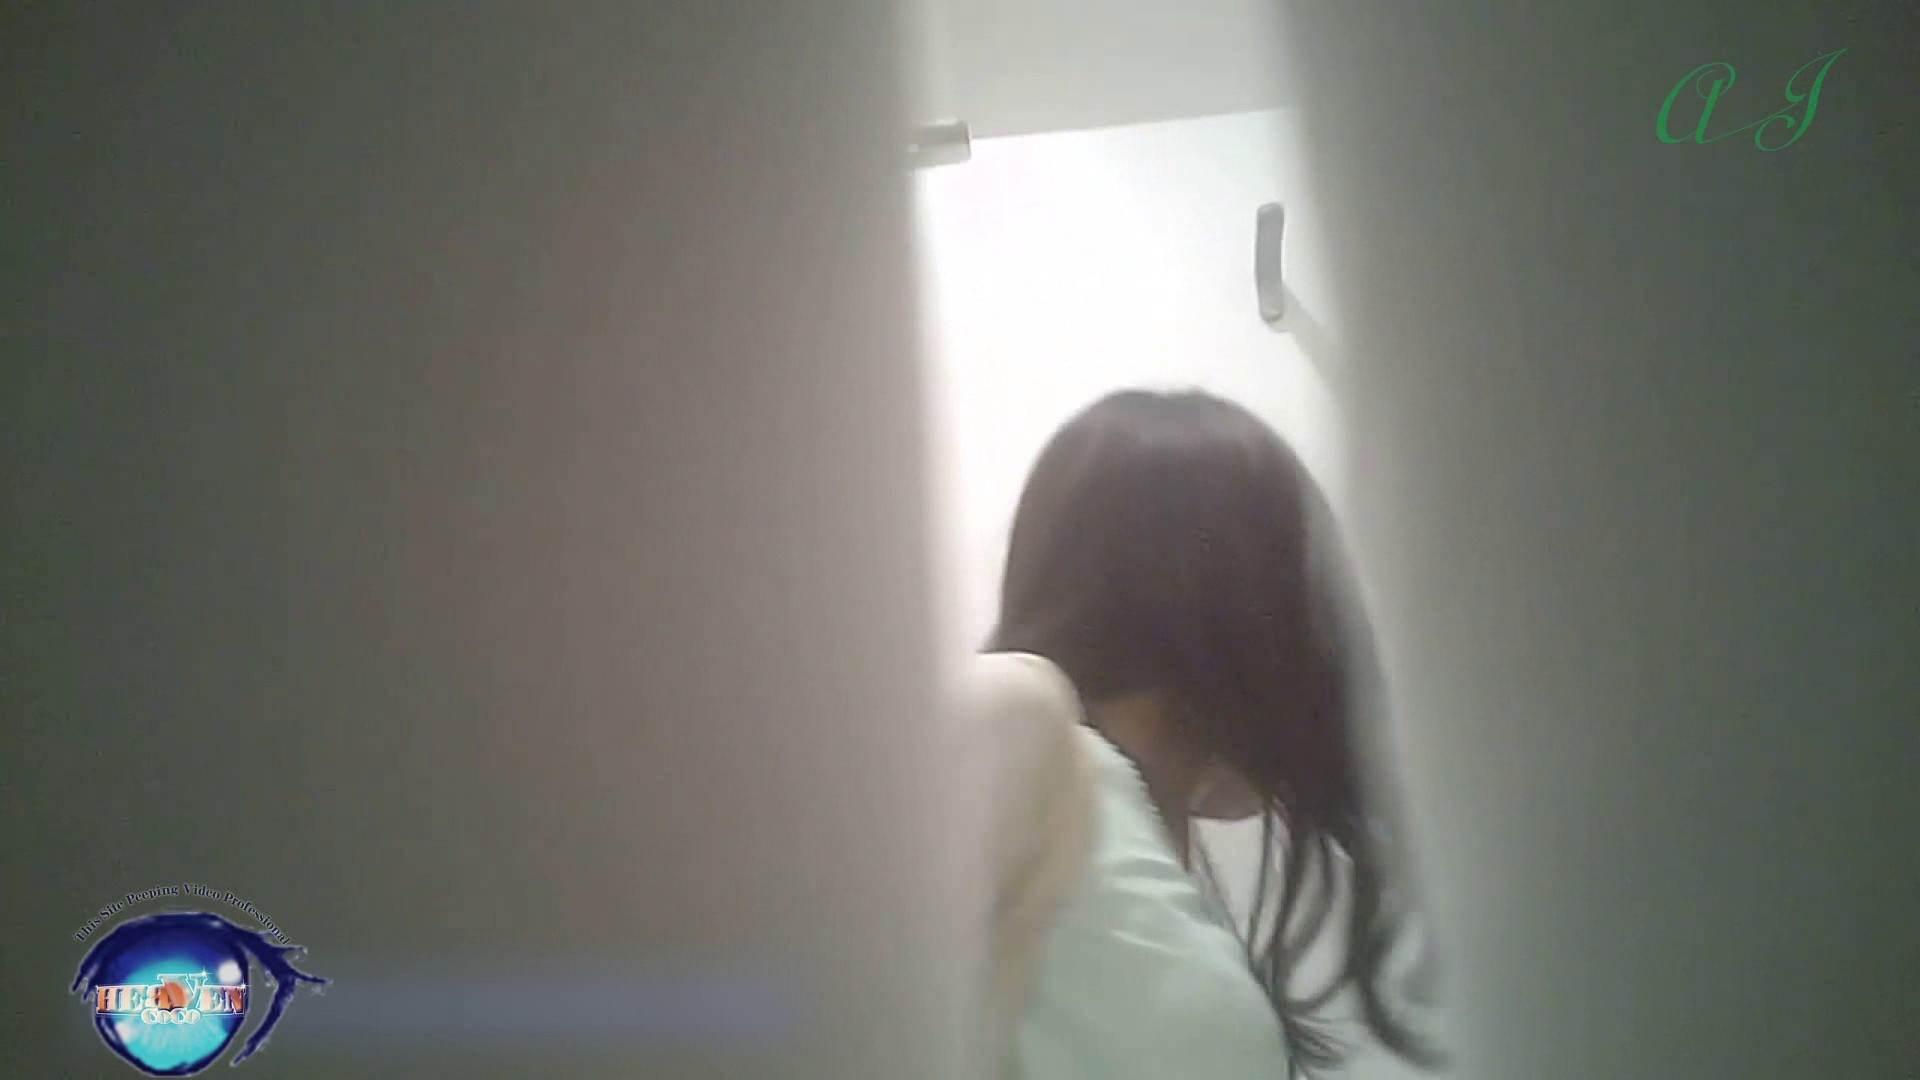 有名大学女性洗面所 vol.71 美女学生さんの潜入盗撮!前編 0 | 0  93連発 75